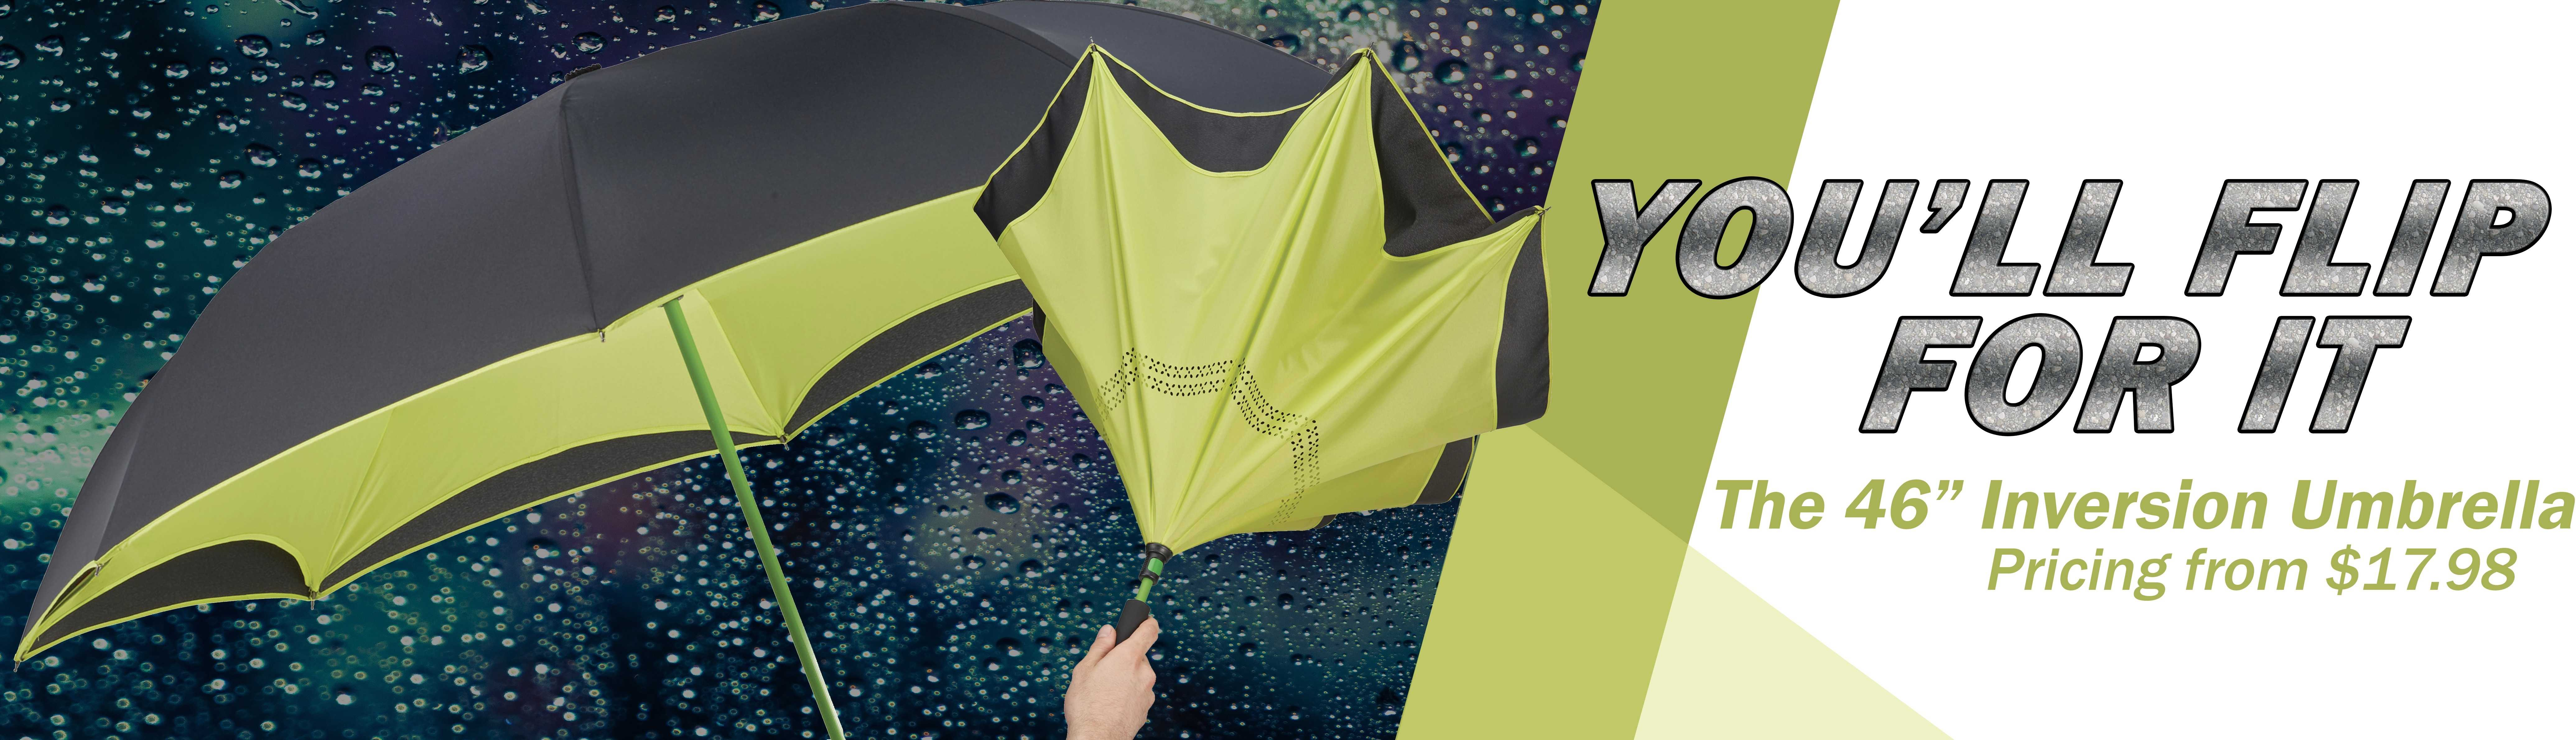 AIM Inversion Umbrella